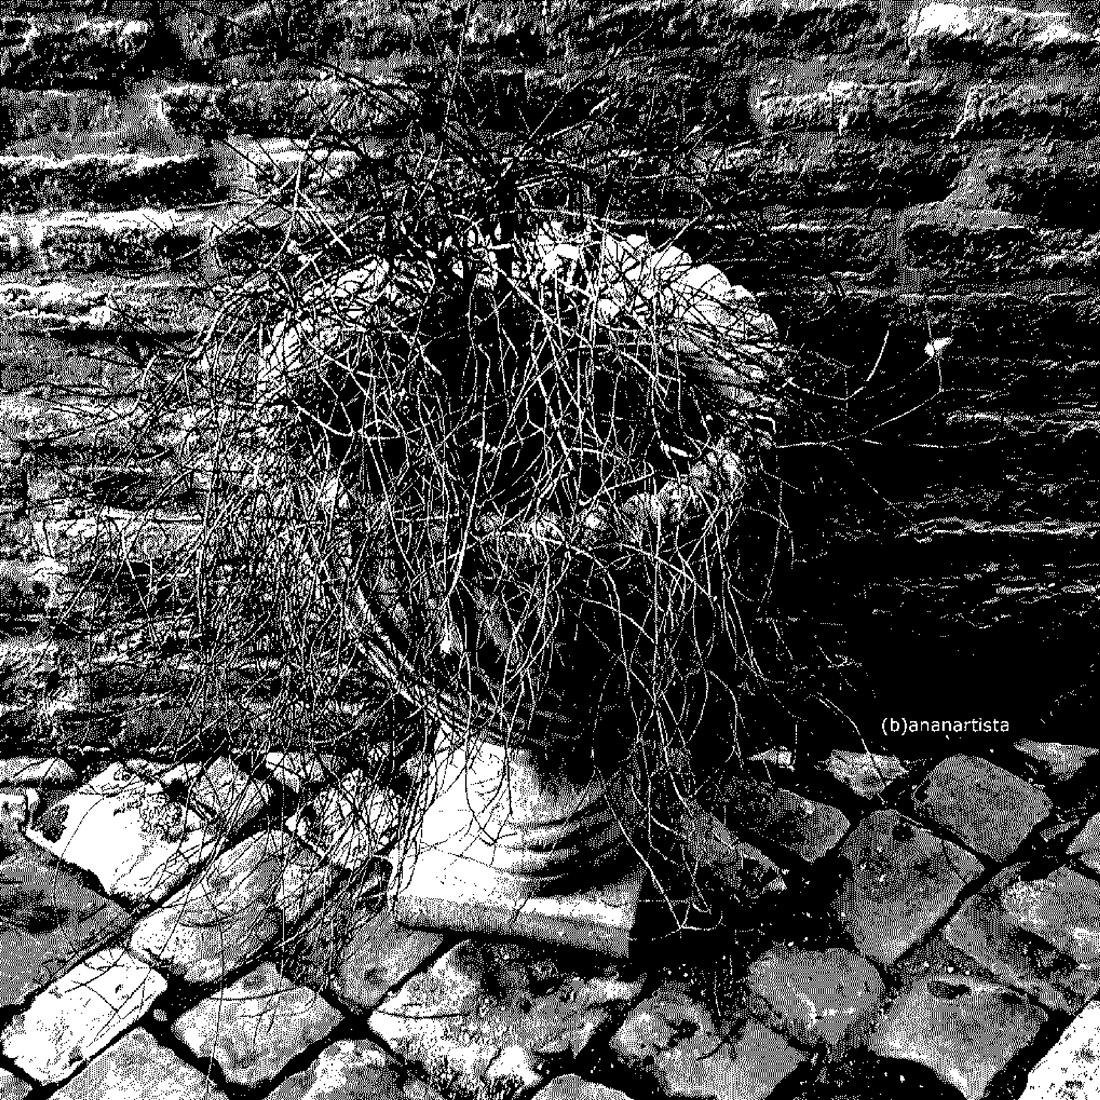 un vaso difficile bianco e nero fotografia di (b)ananartista sbuff